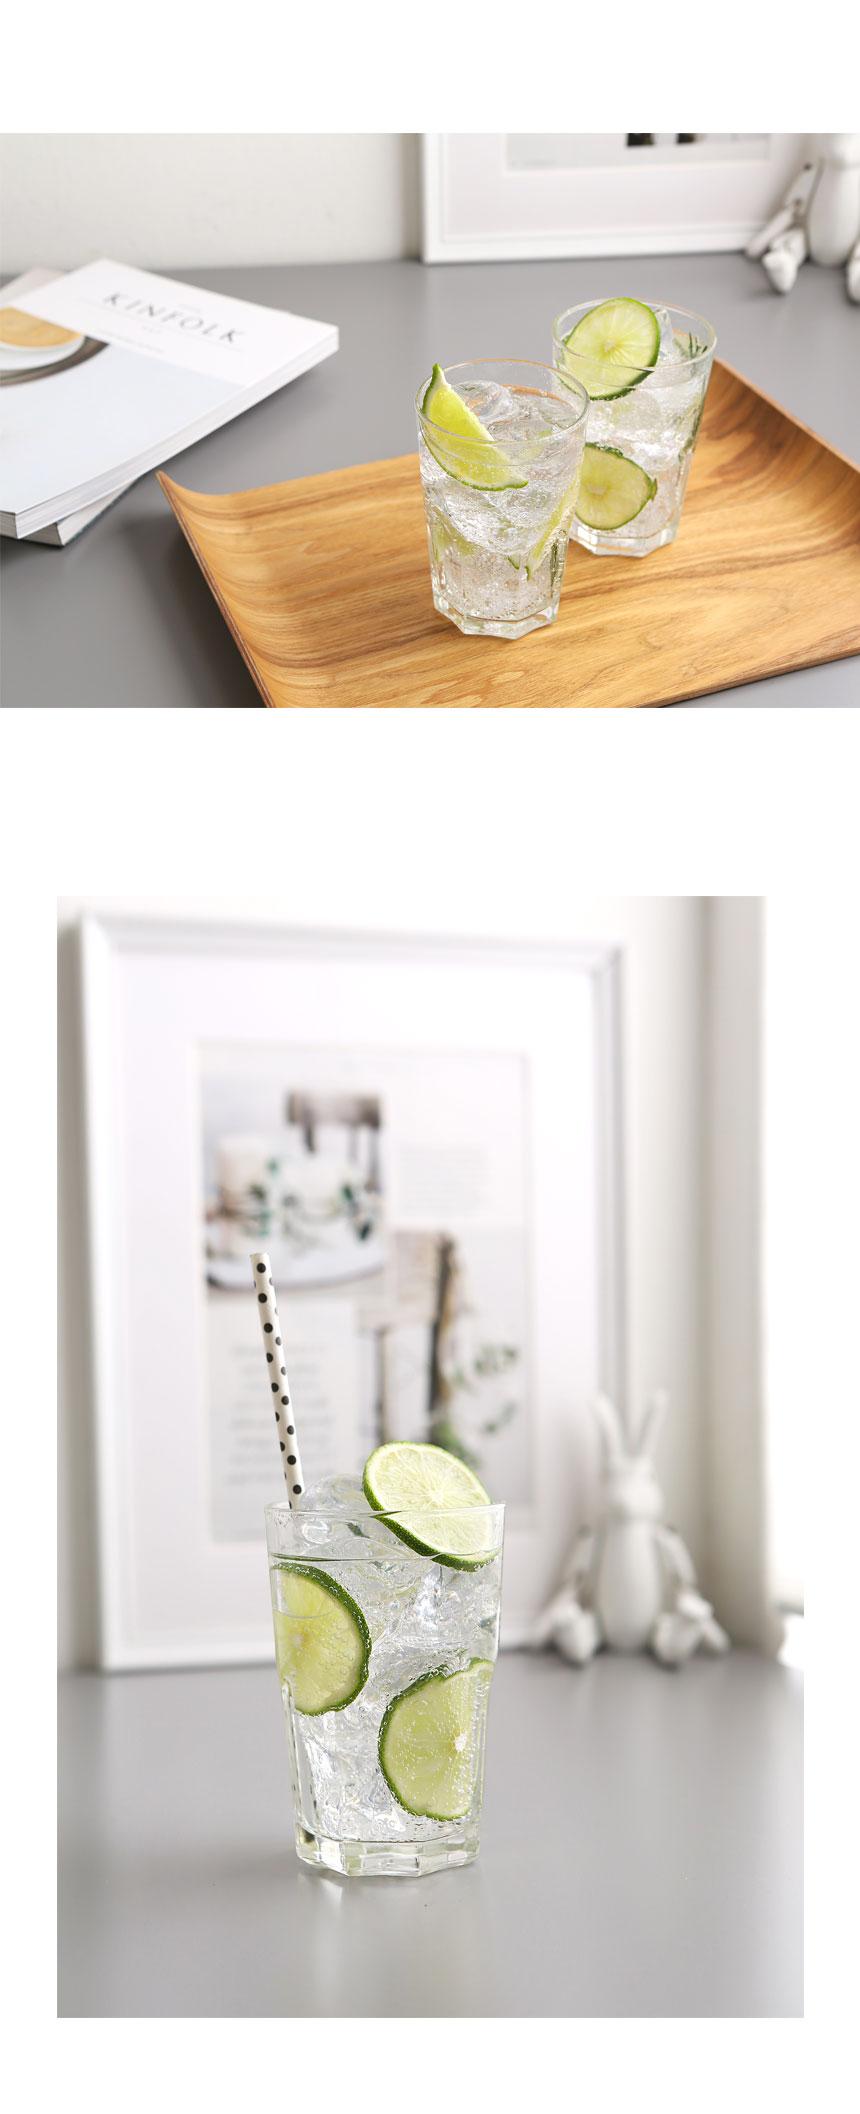 럭키글라스 유로 텀블러 카페 유리맥주컵 13oz.(378ml) - 글라스코, 1,640원, 유리컵/술잔, 유리컵